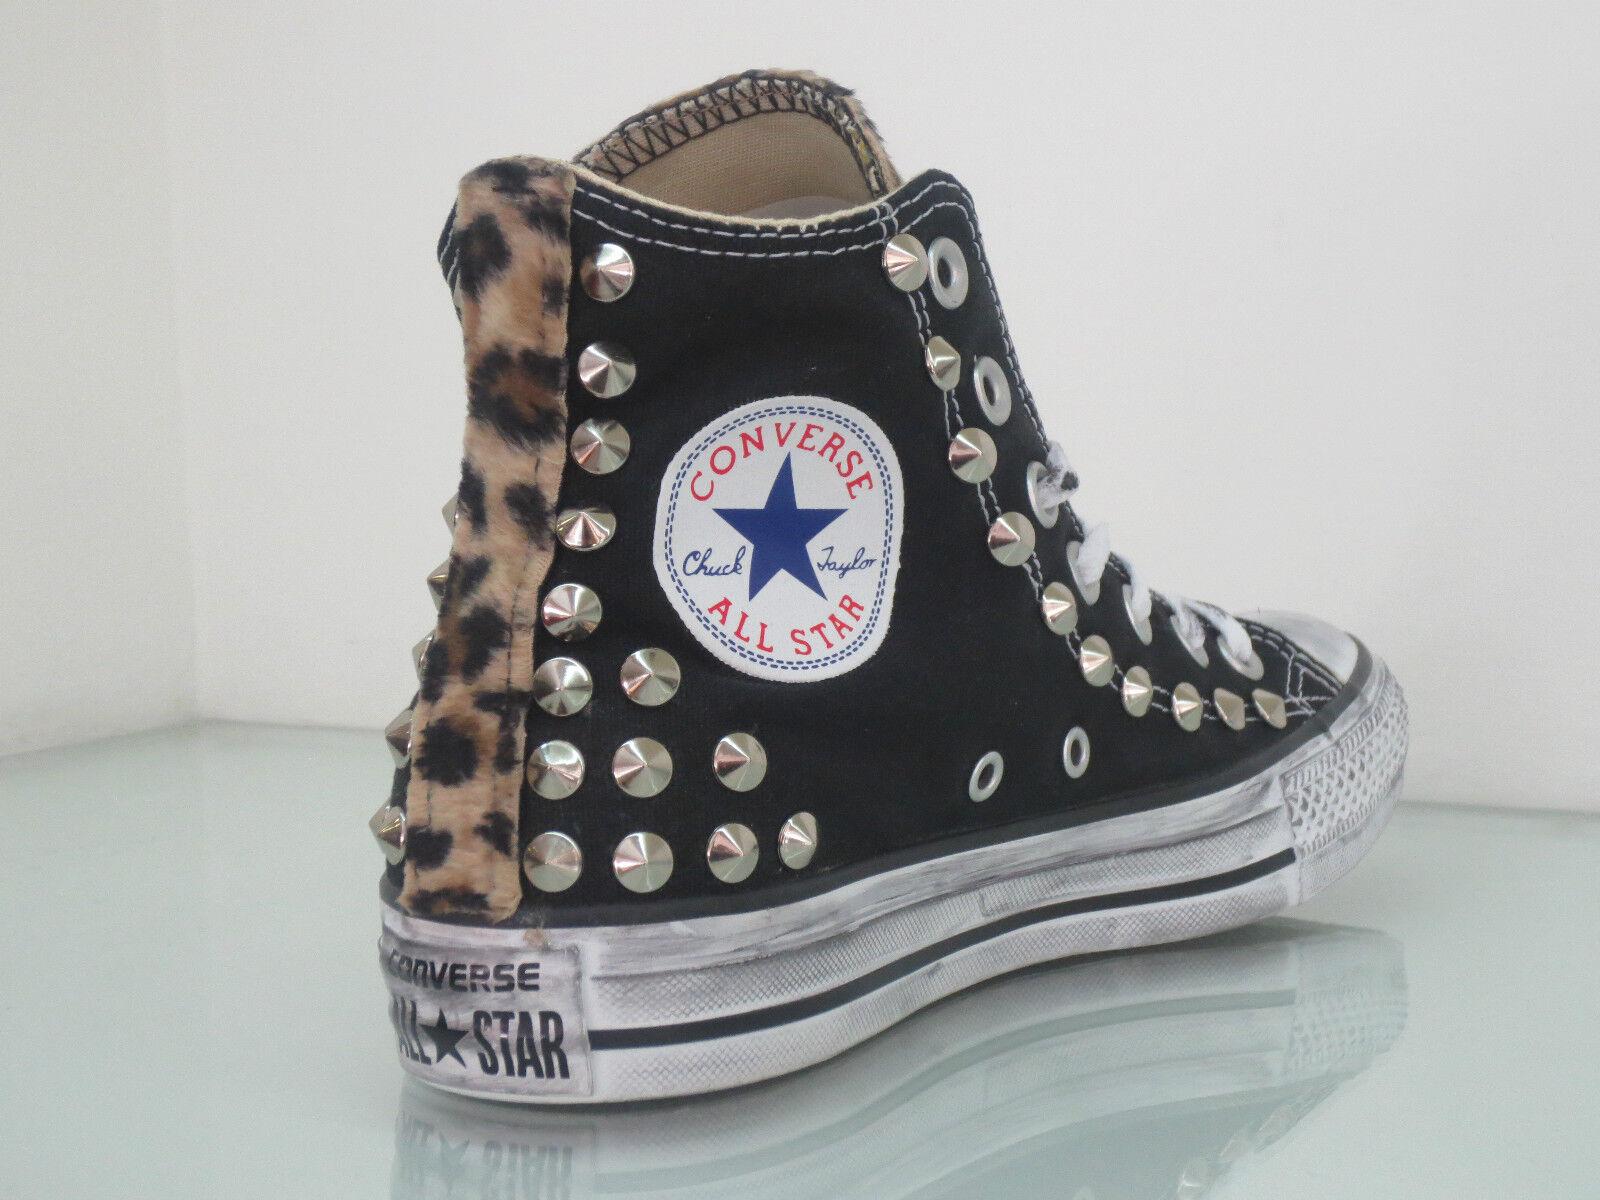 Nuevos zapatos para hombres y mujeres, descuento por tiempo limitado Converse all star Hi borchie argento black nero maculato cavallino ARTIGIANALI